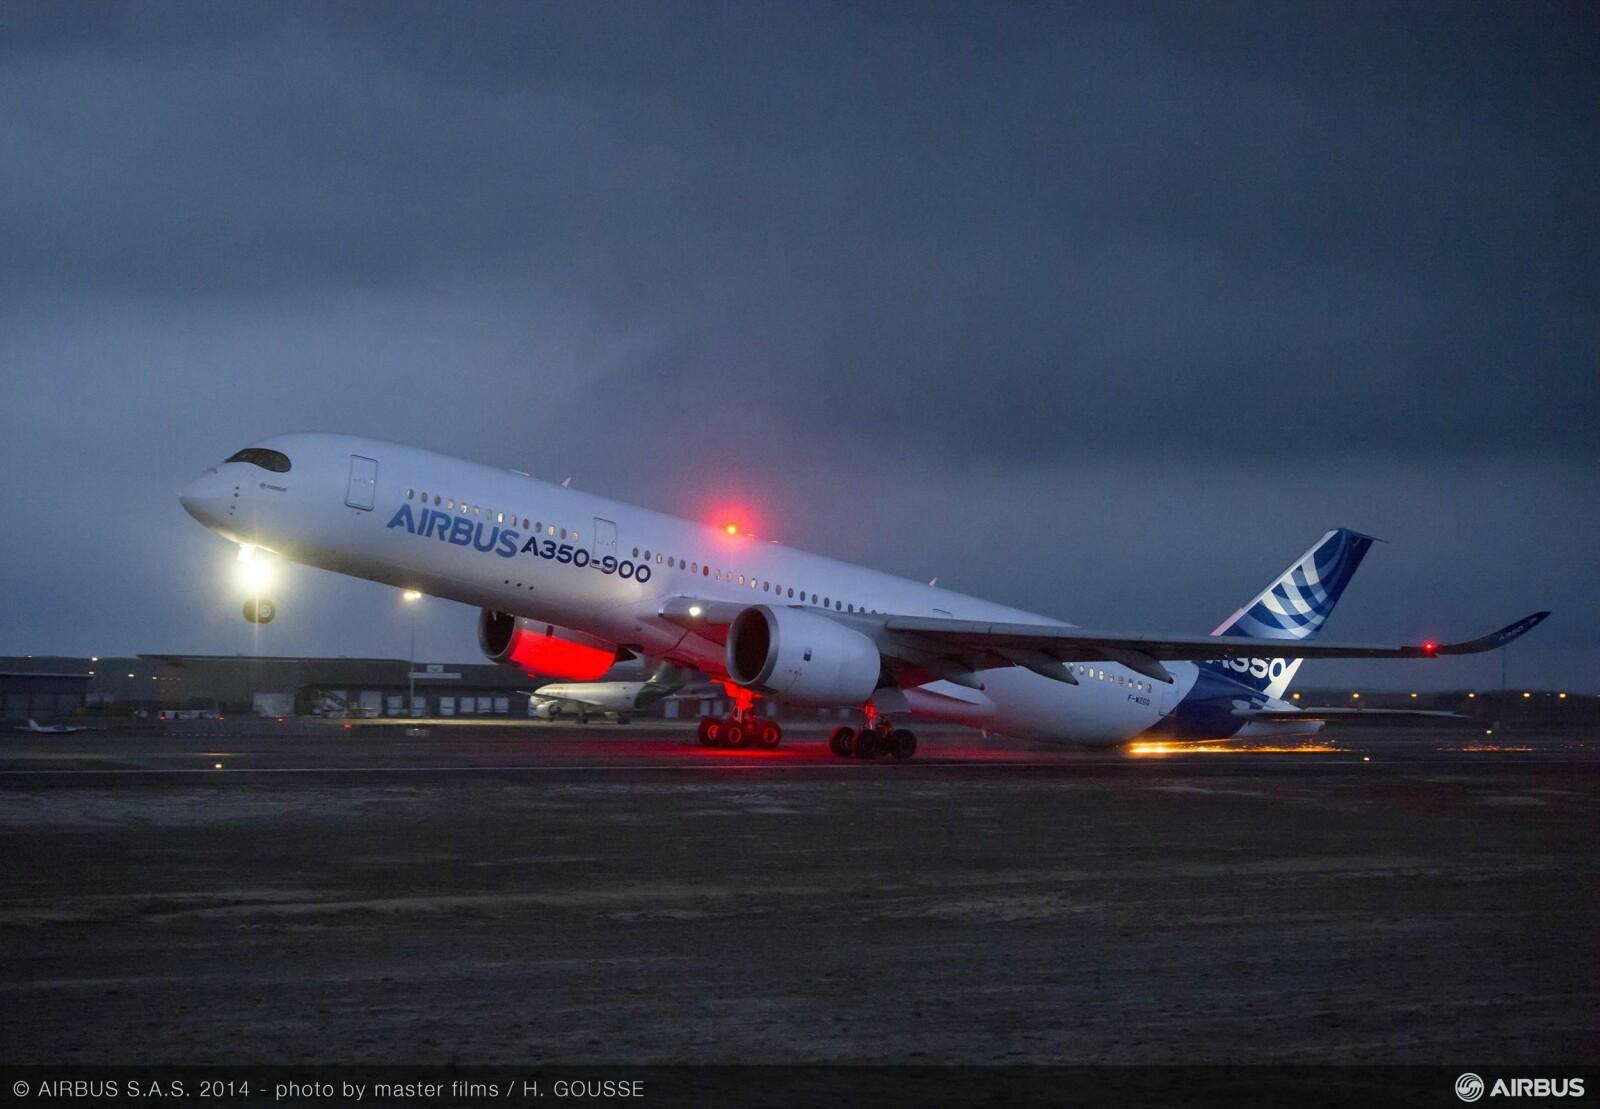 <b>GNISTREGN:</b> Når halen skraper langs asfalten i 250 km/t kan gnistregnet bli spektakulært. Bildet er tatt under en kontrollert tailstrike-test med prototypen til Airbus A350.